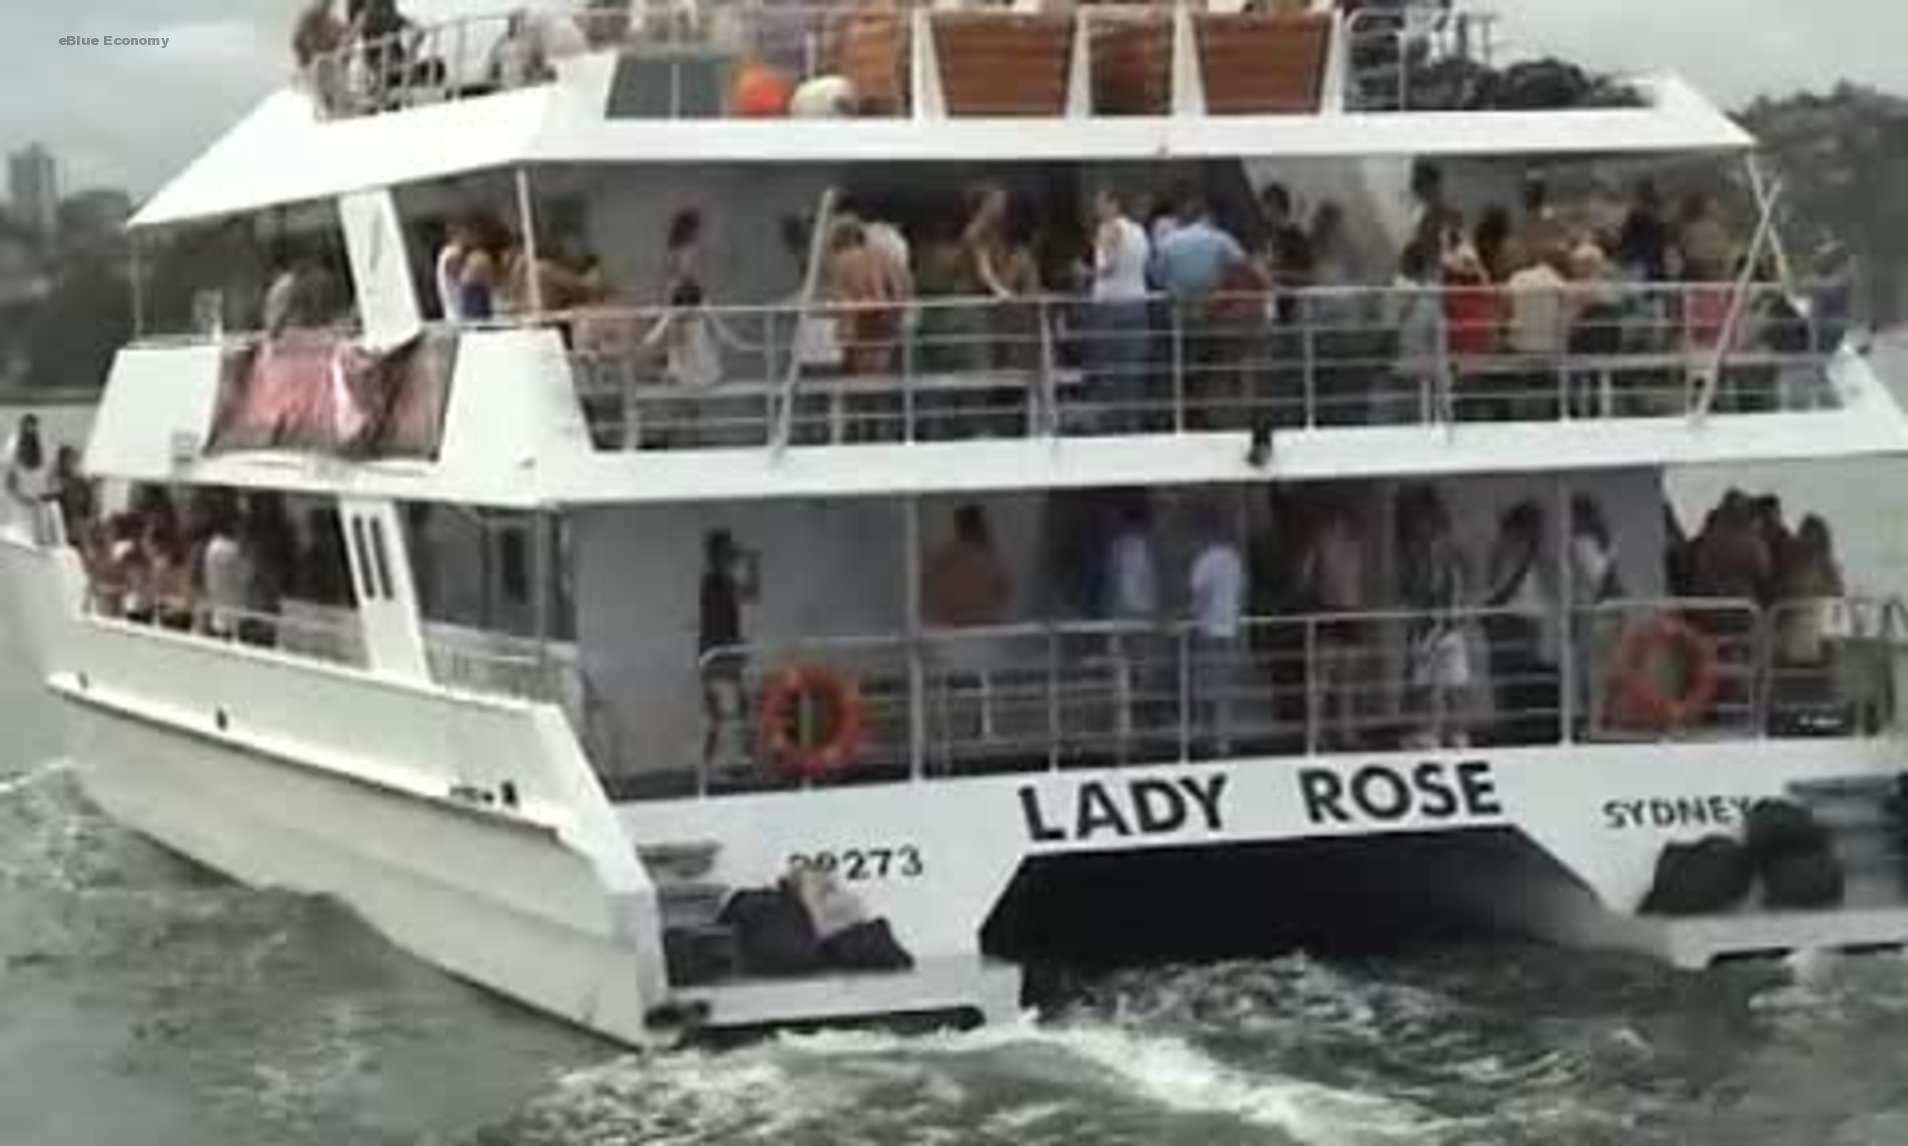 eBlue_economy_Lady_rose_cruise